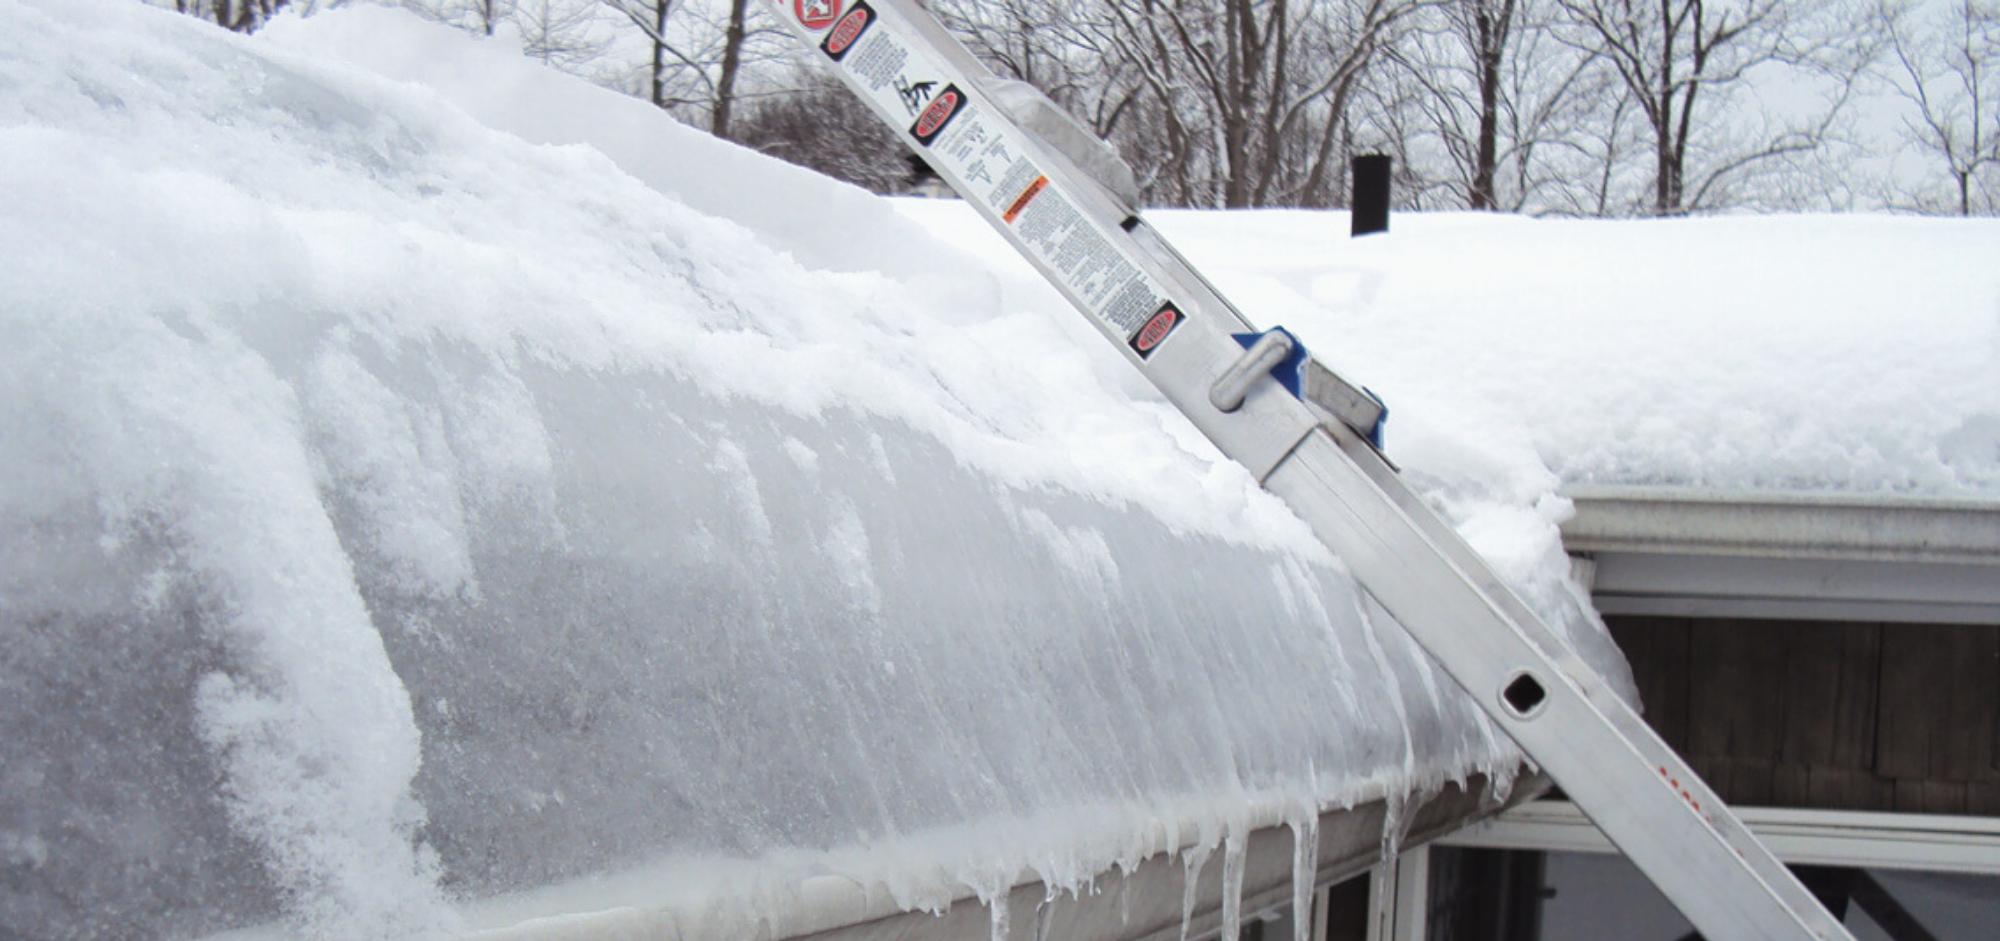 Barrage de glace sur une toiture de bardeau